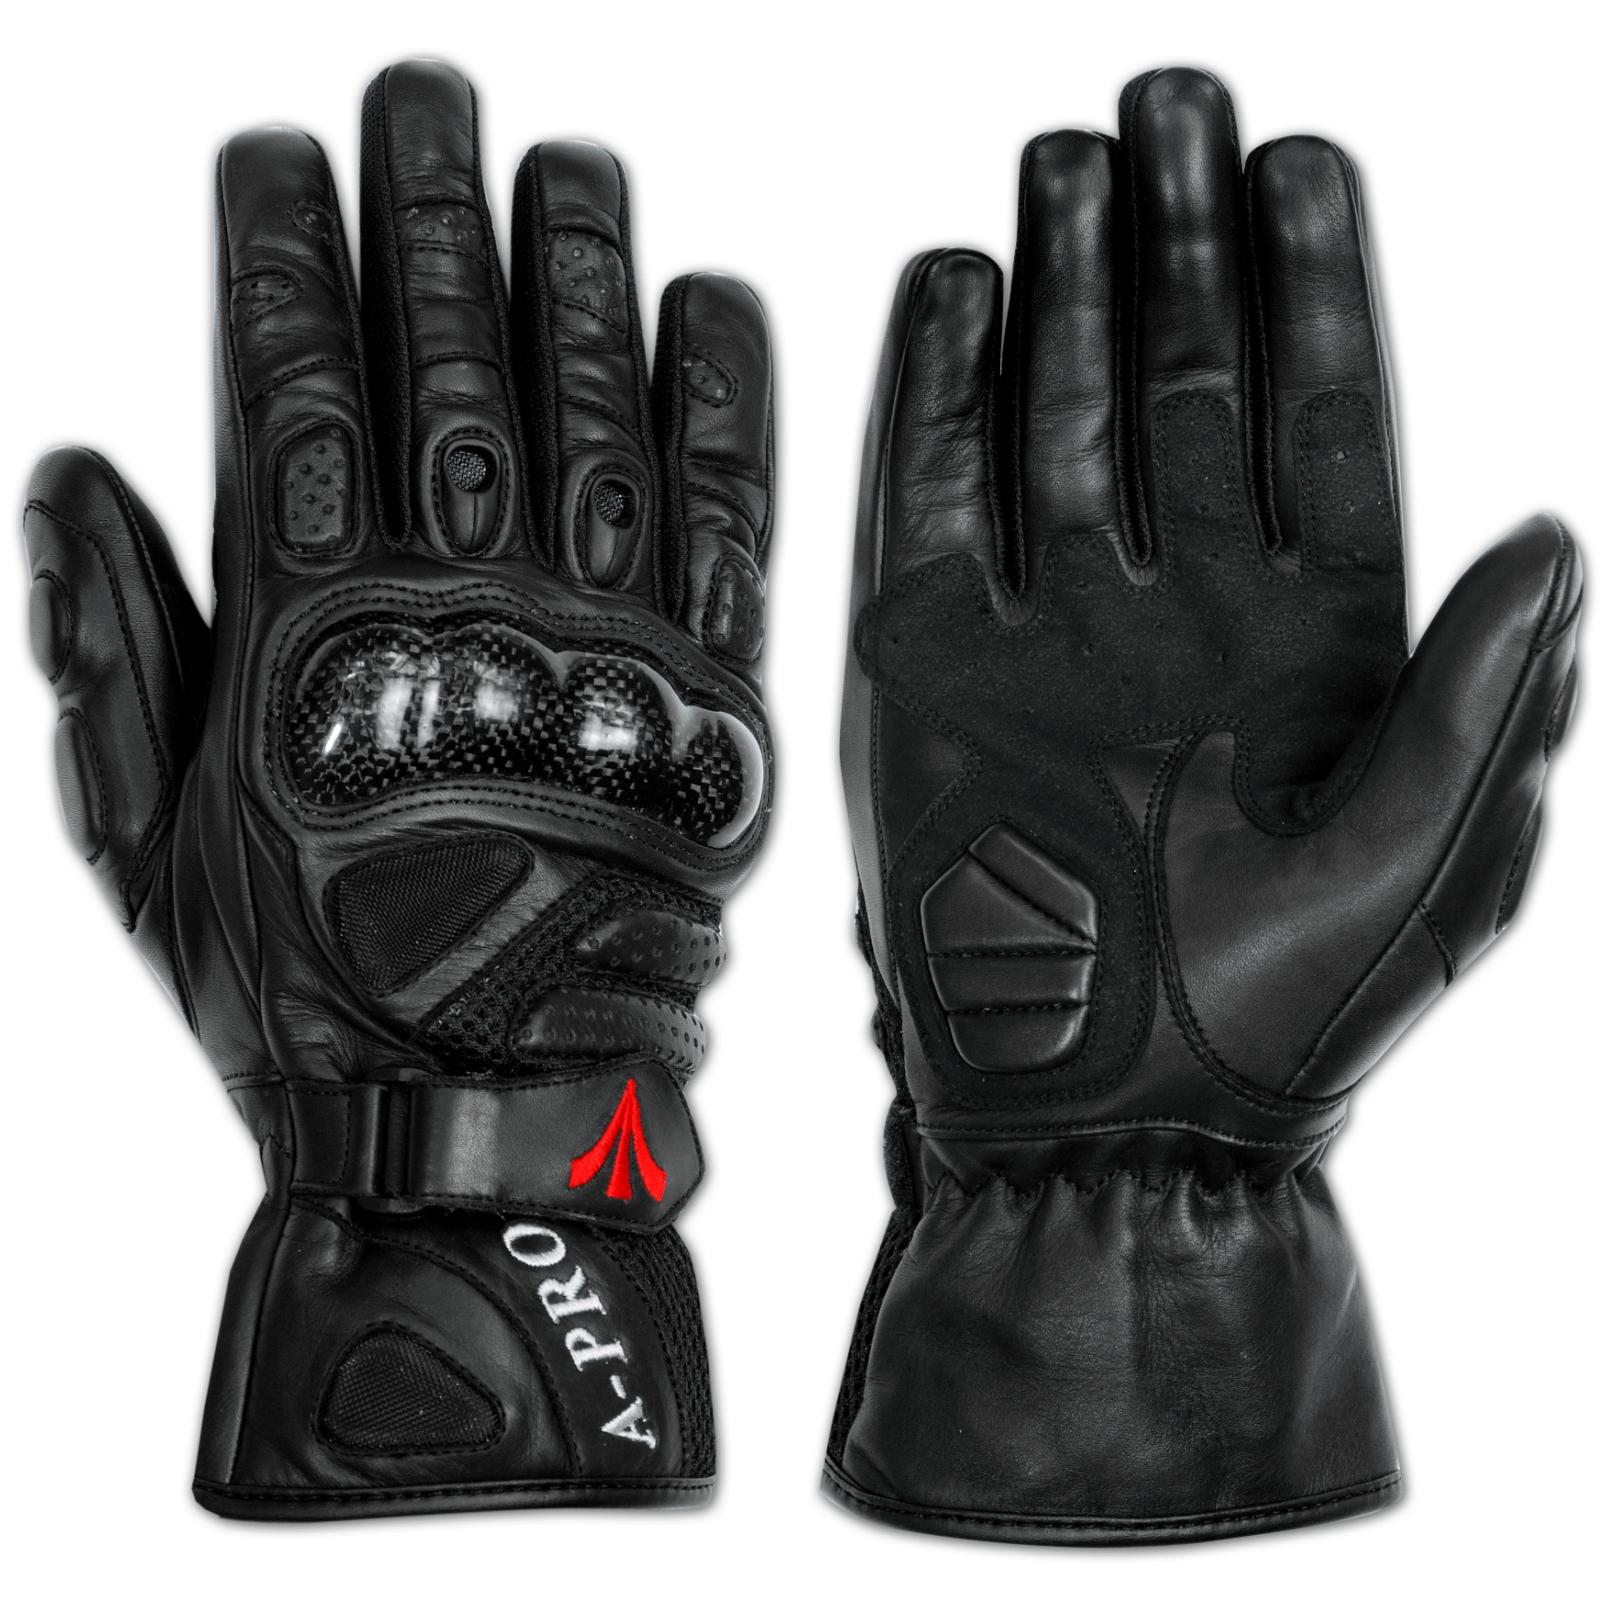 Guanto-Pelle-Moto-Protezioni-Carbonio-Prese-Aria-Imbottito-Traspirante